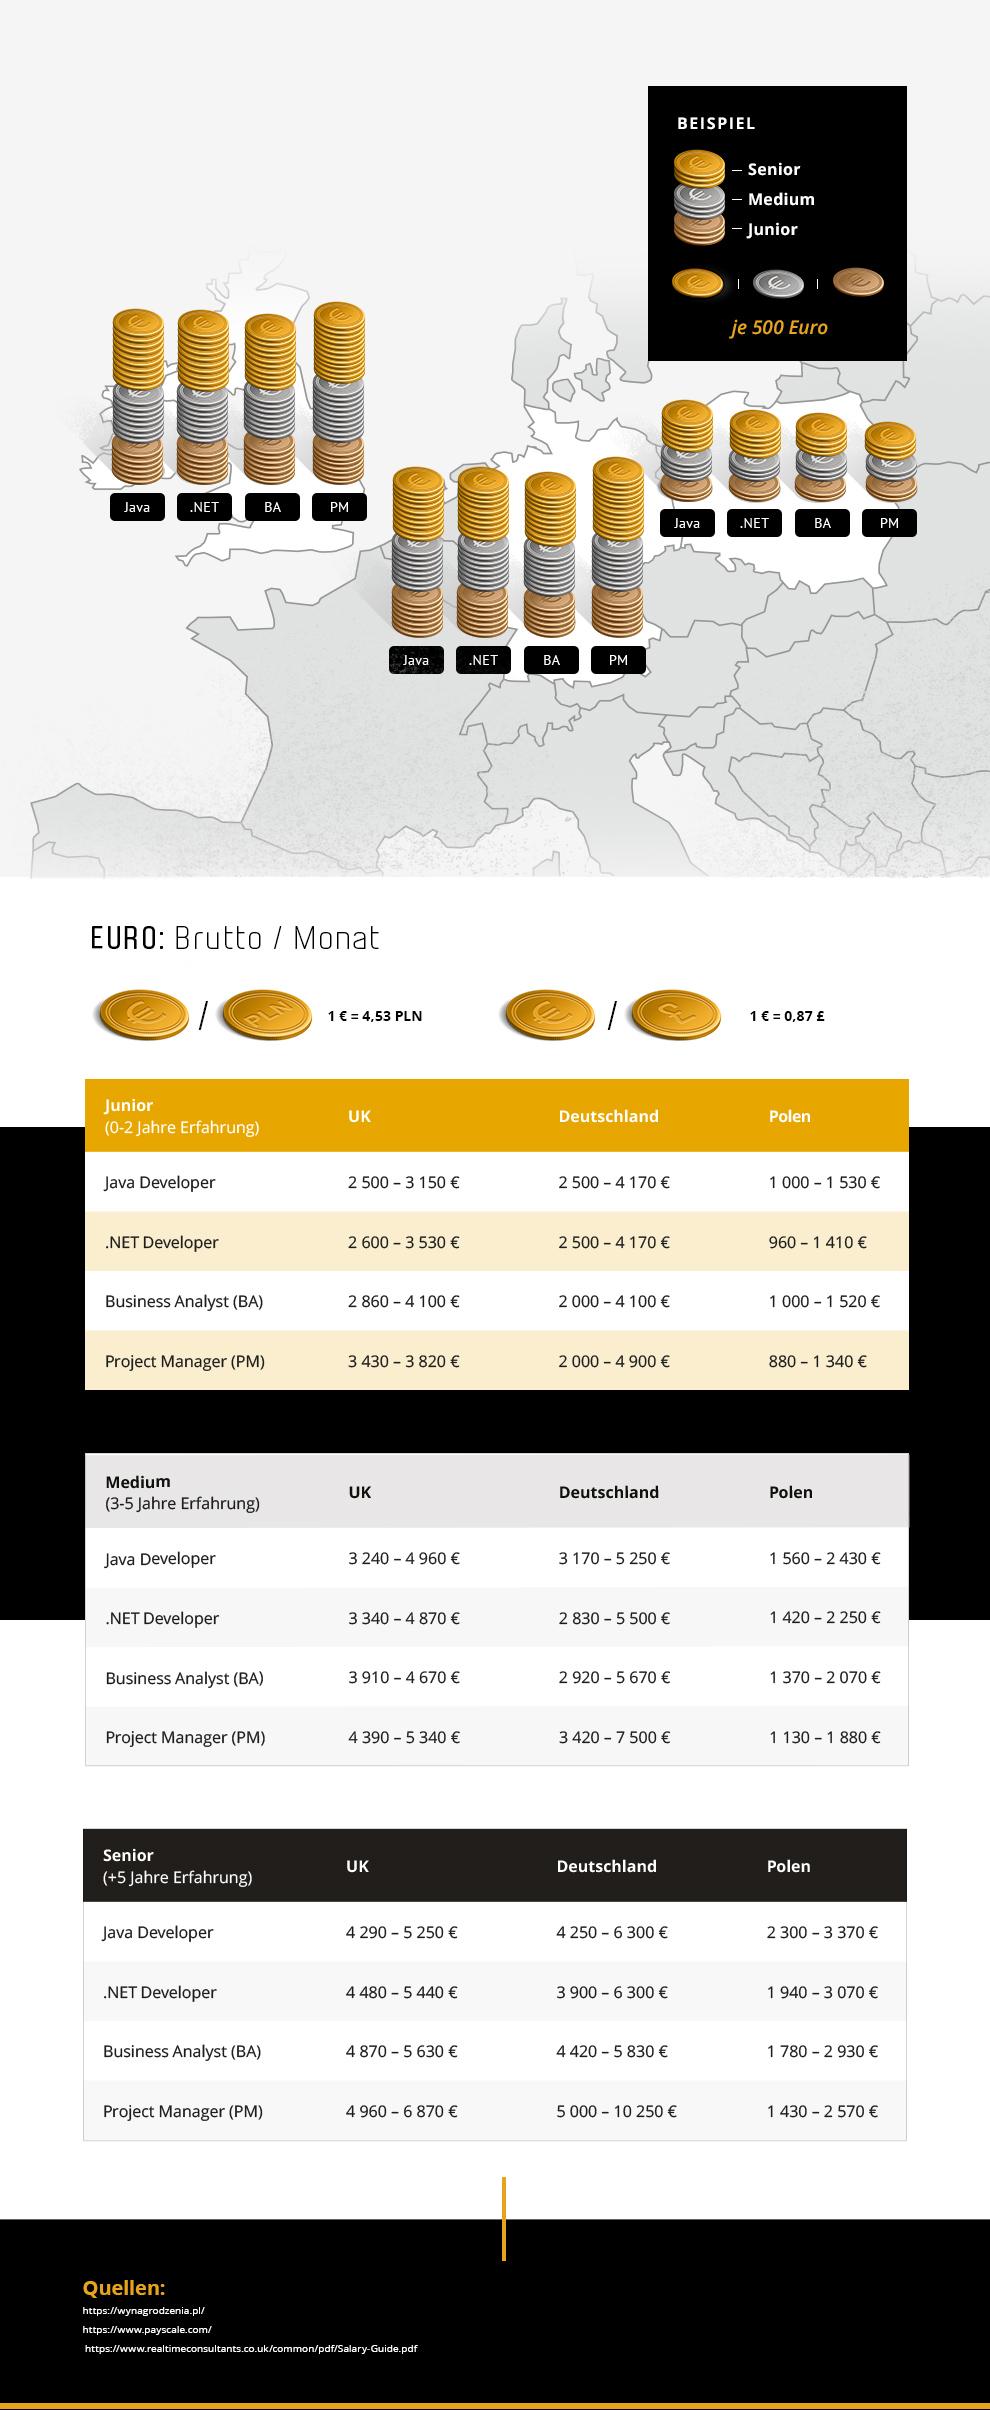 Kostenvergleich von IT-Fachkräften - Großbritannien, Deutschland, Polen